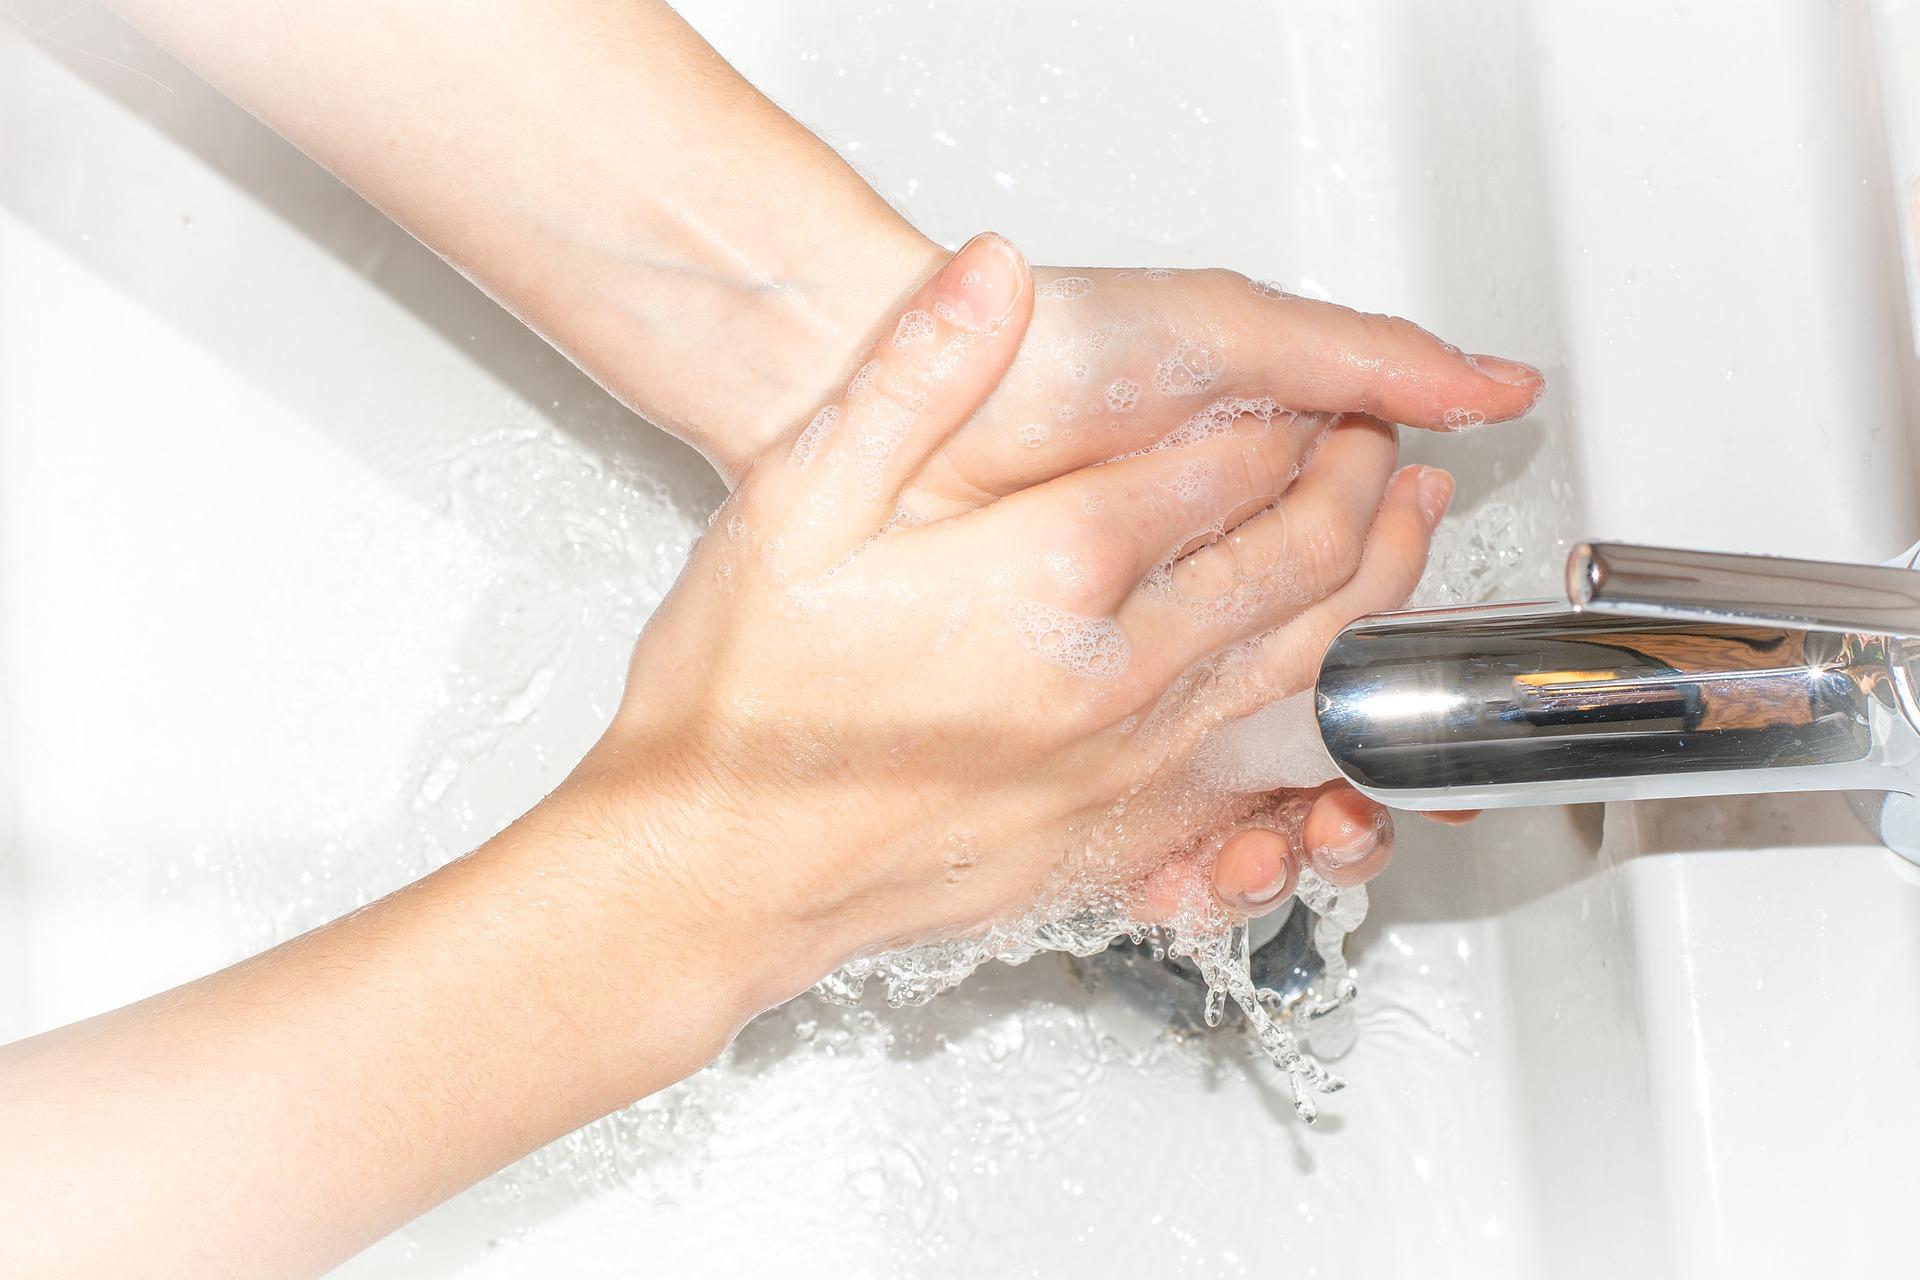 手洗い中の手にフォーカスした画像